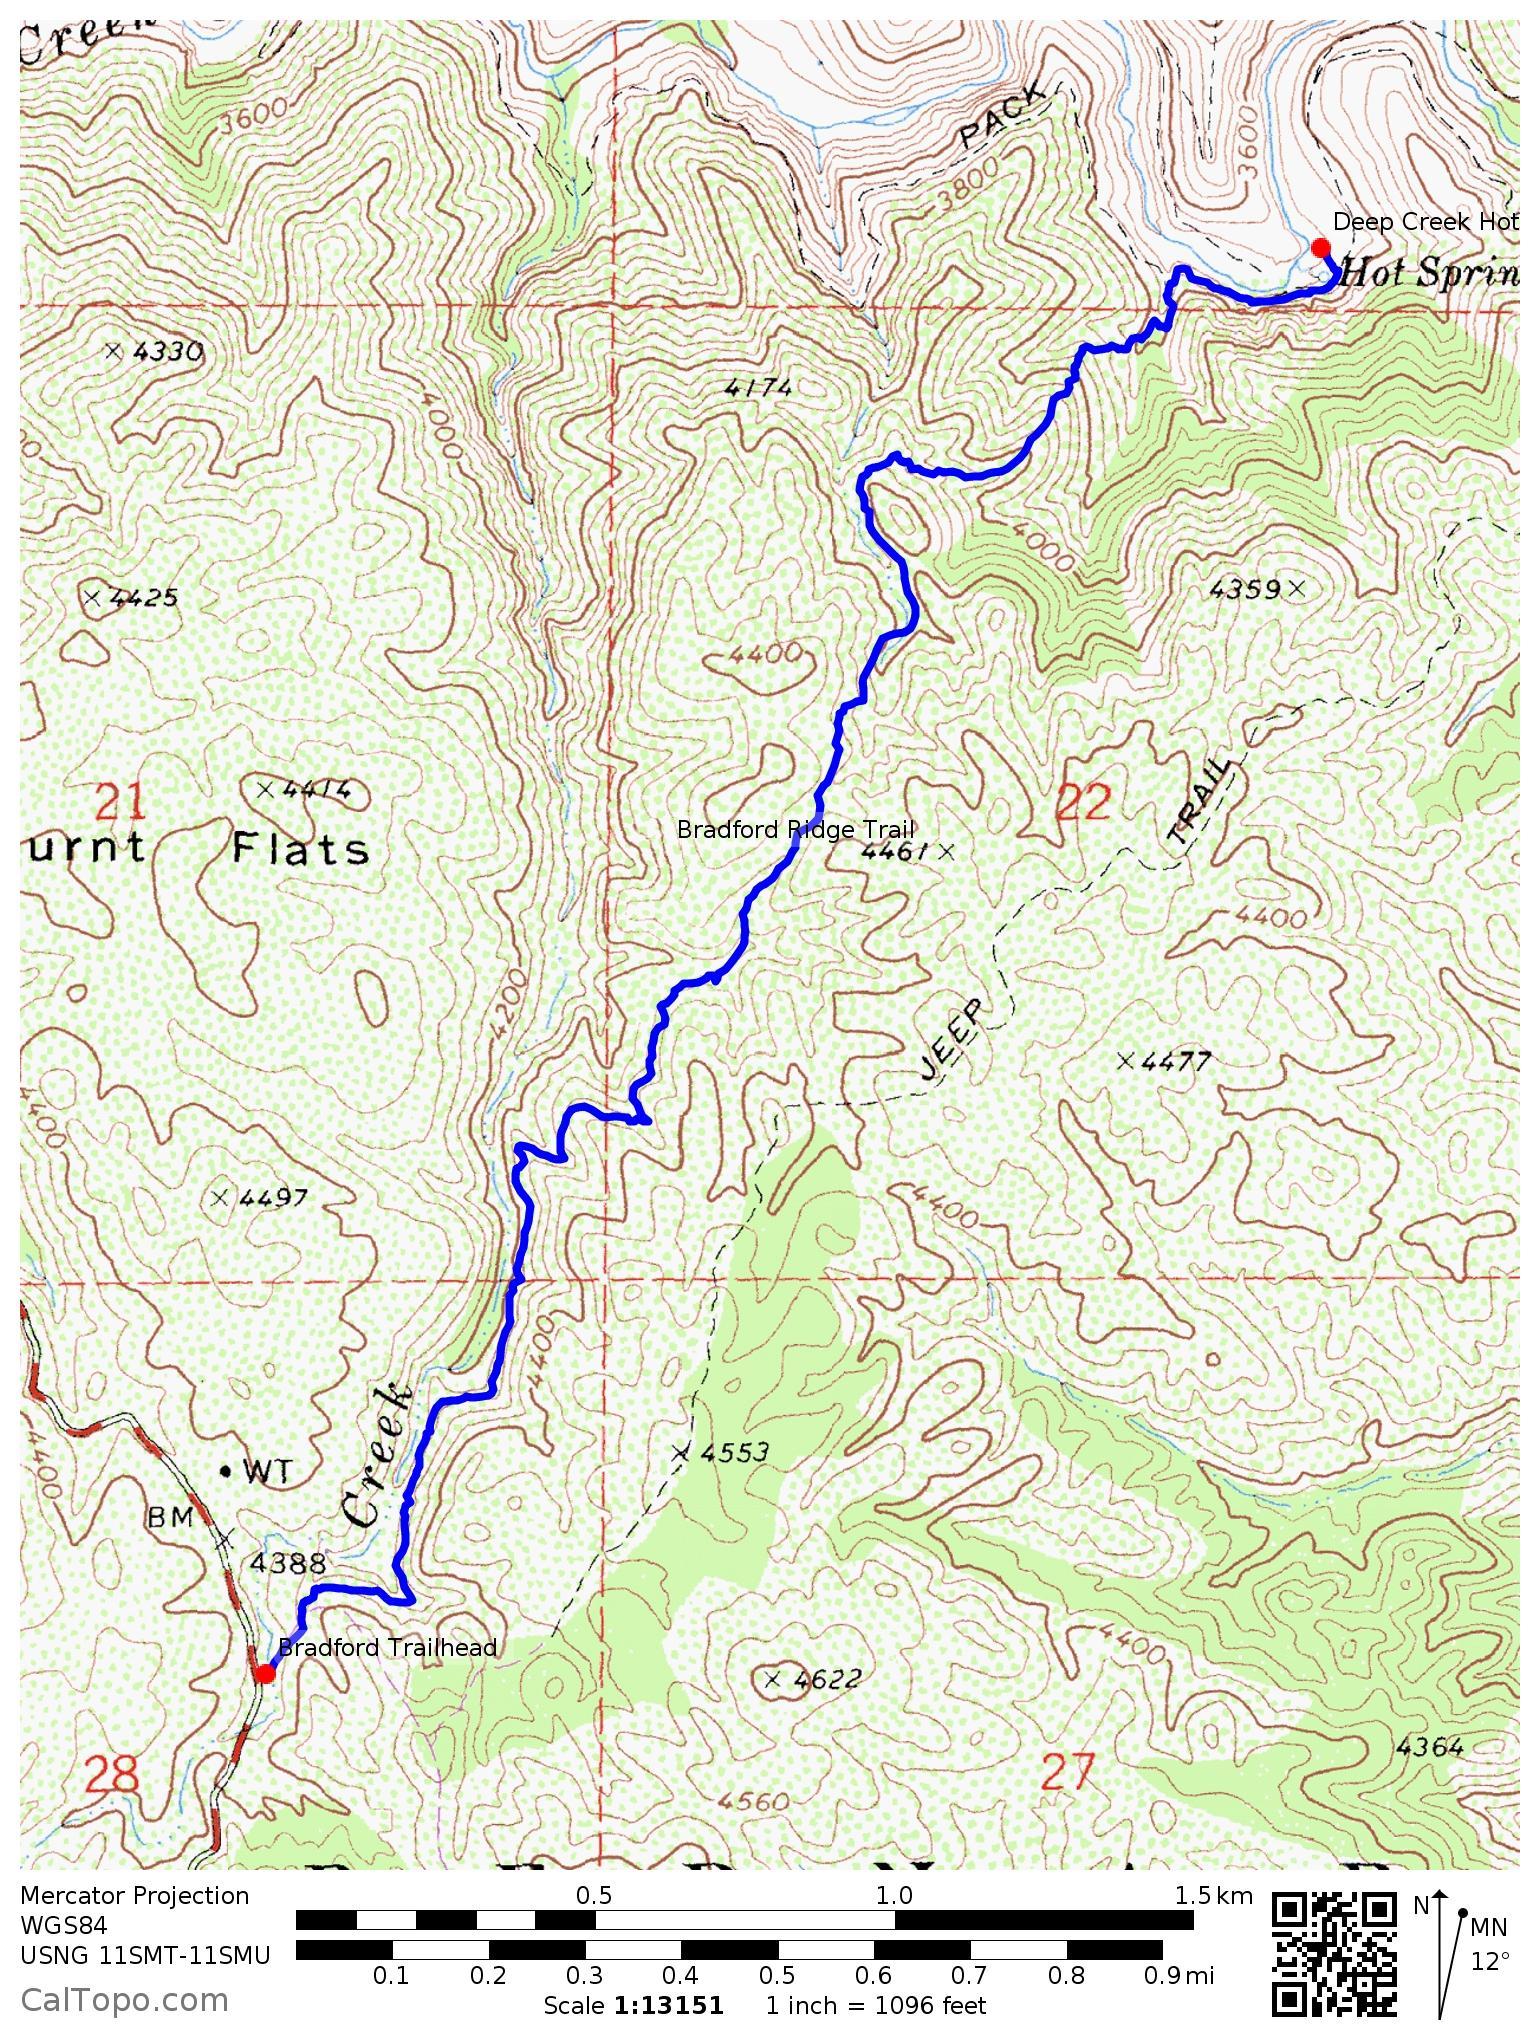 Deep Creek Hot Springs My Favorite Hikes